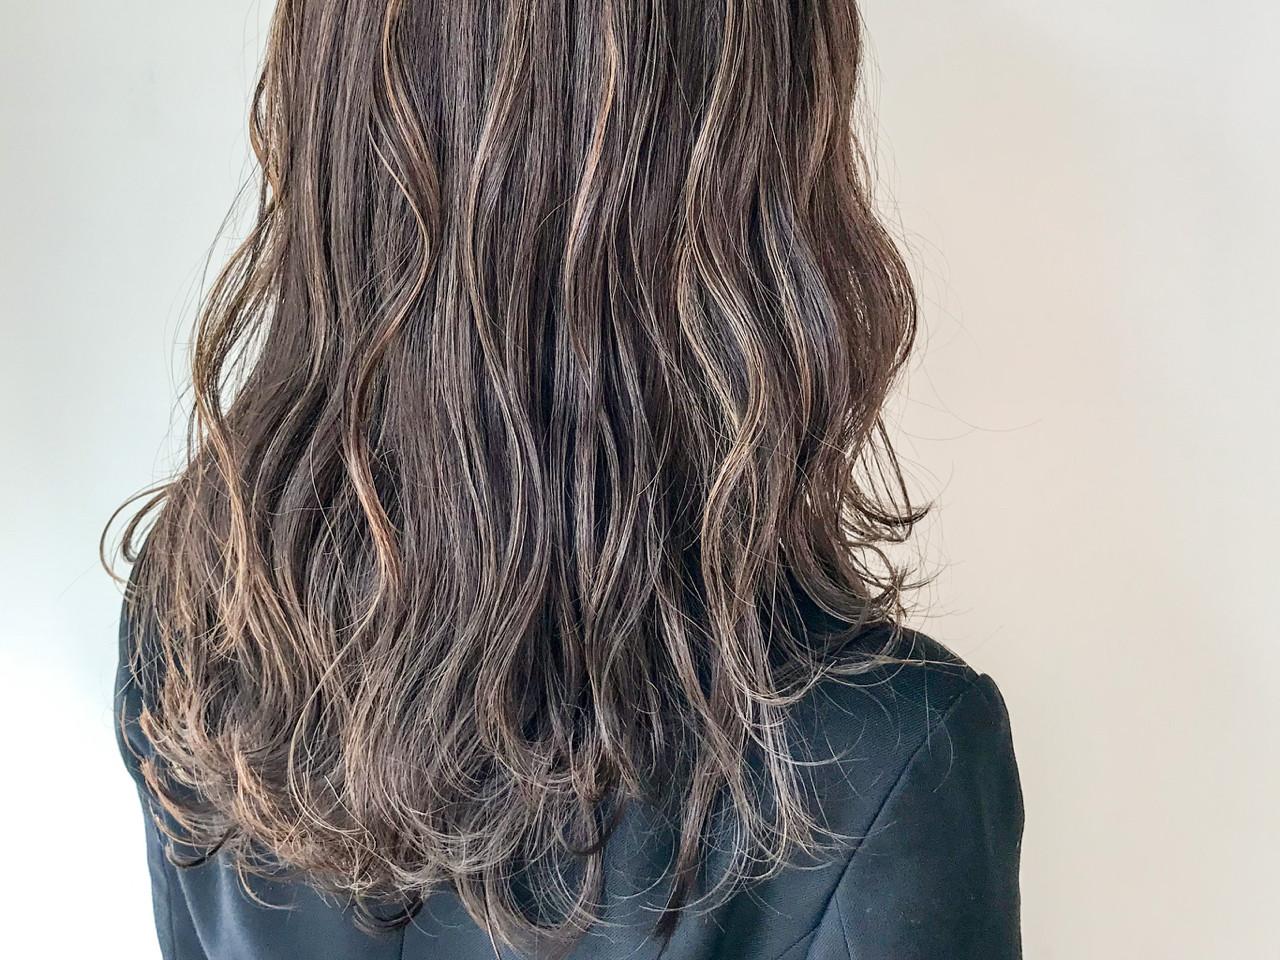 ハイライト グレージュ セミロング 大人かわいい ヘアスタイルや髪型の写真・画像   HIROKI / roijir / roijir